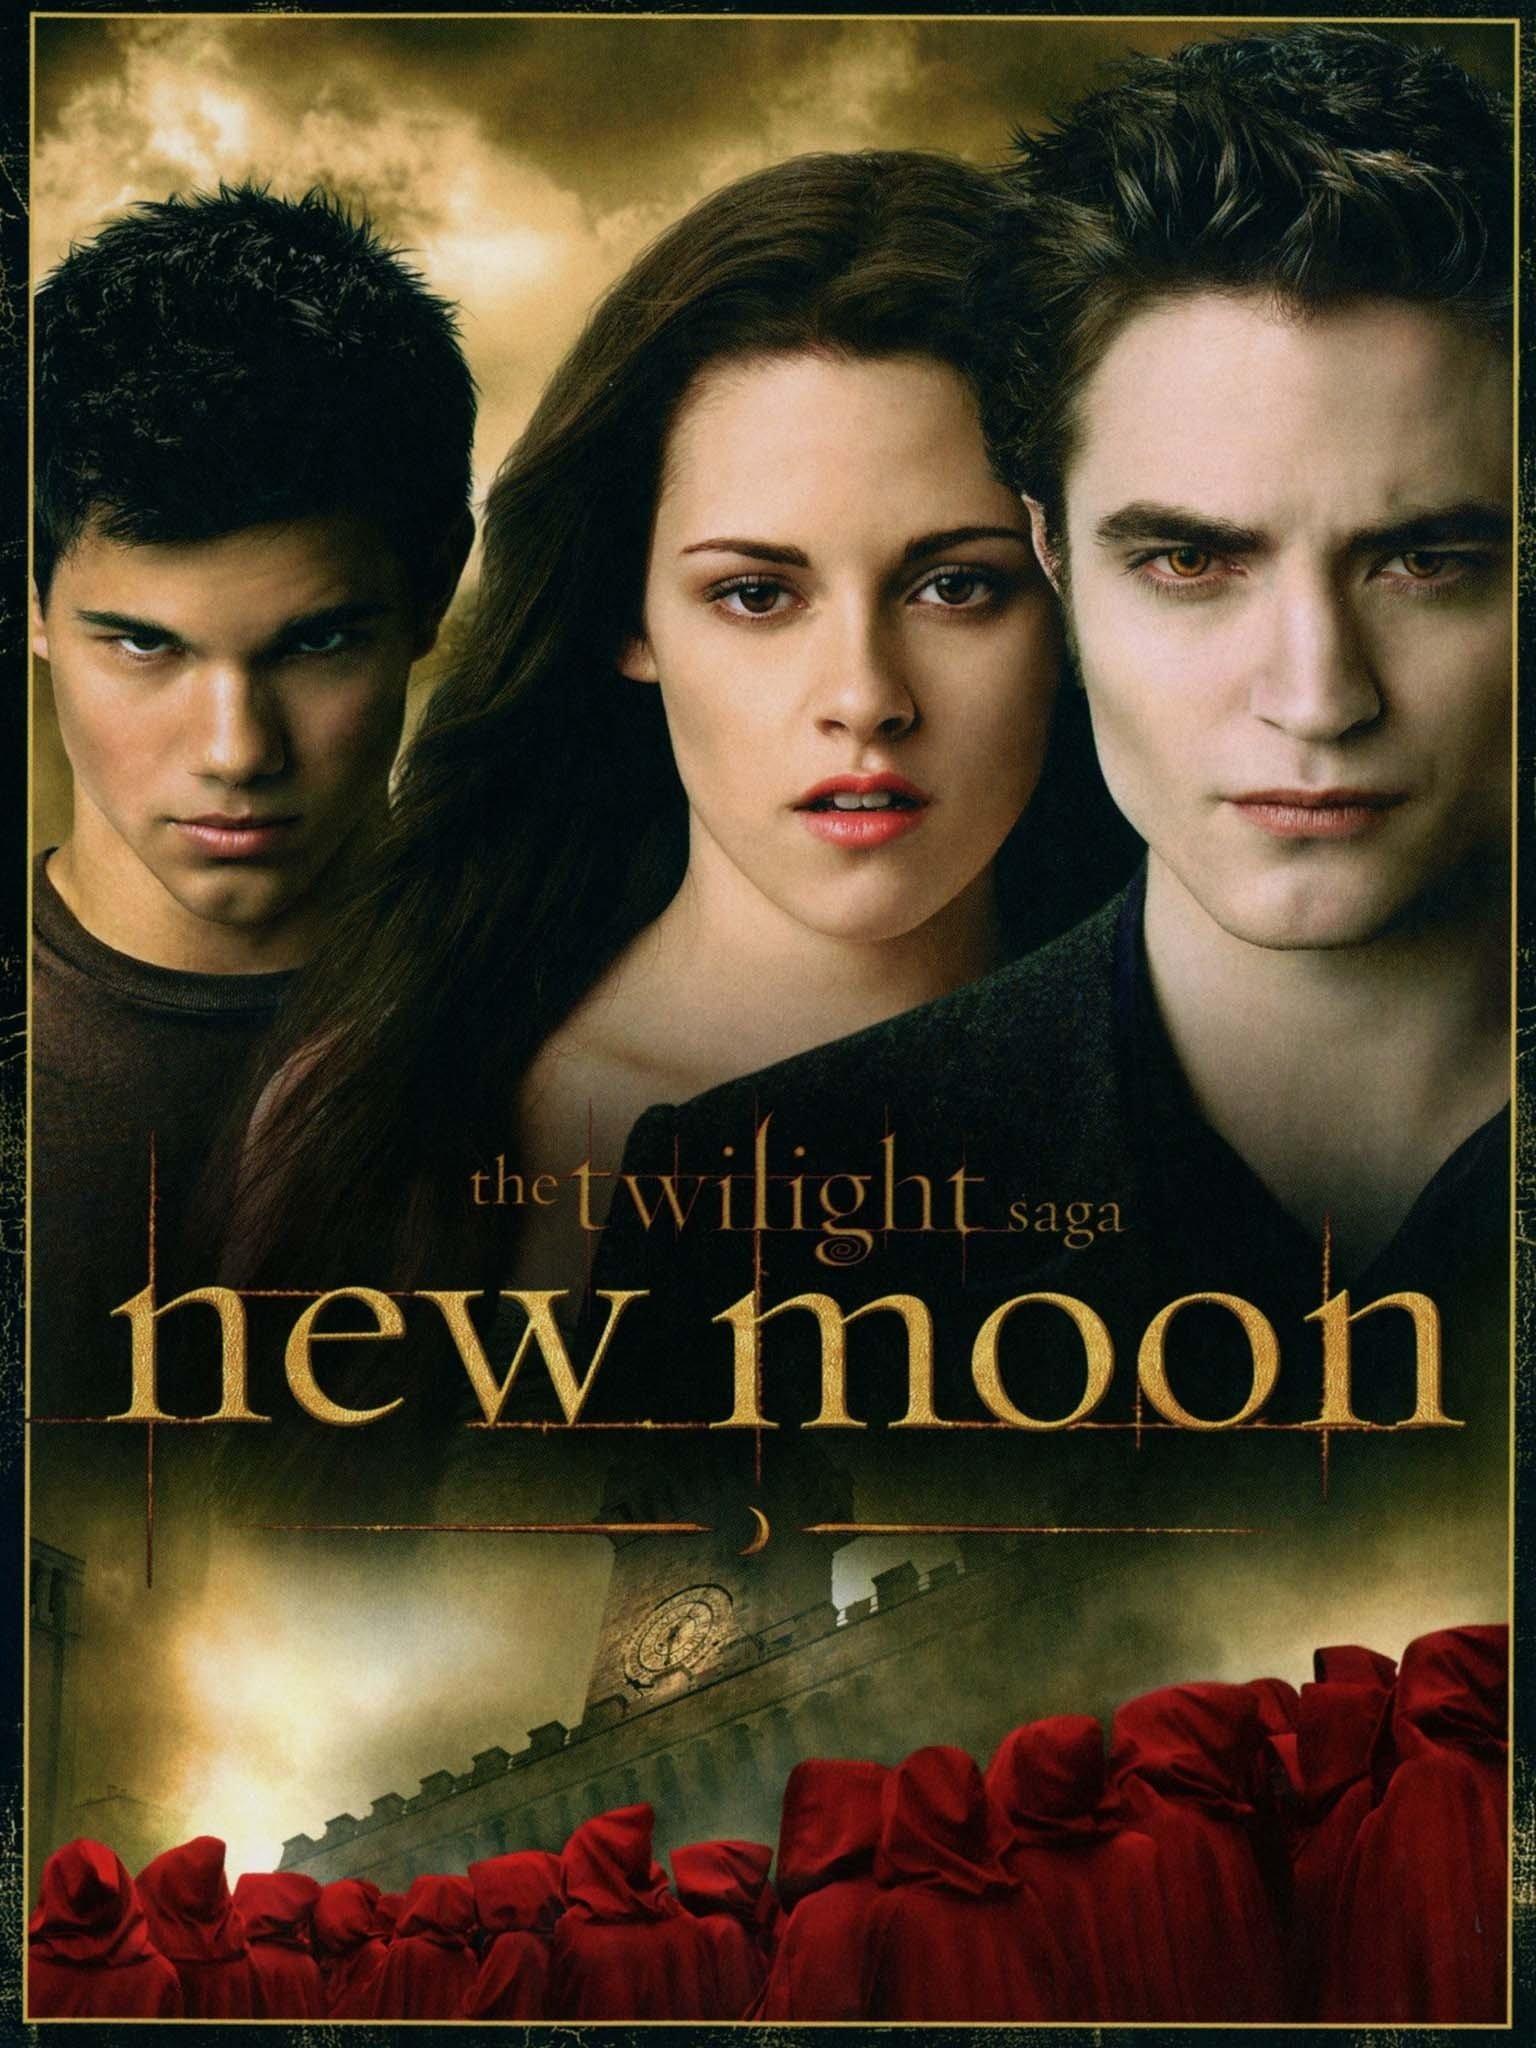 The Twilight Saga New Moon 2009 Rotten Tomatoes